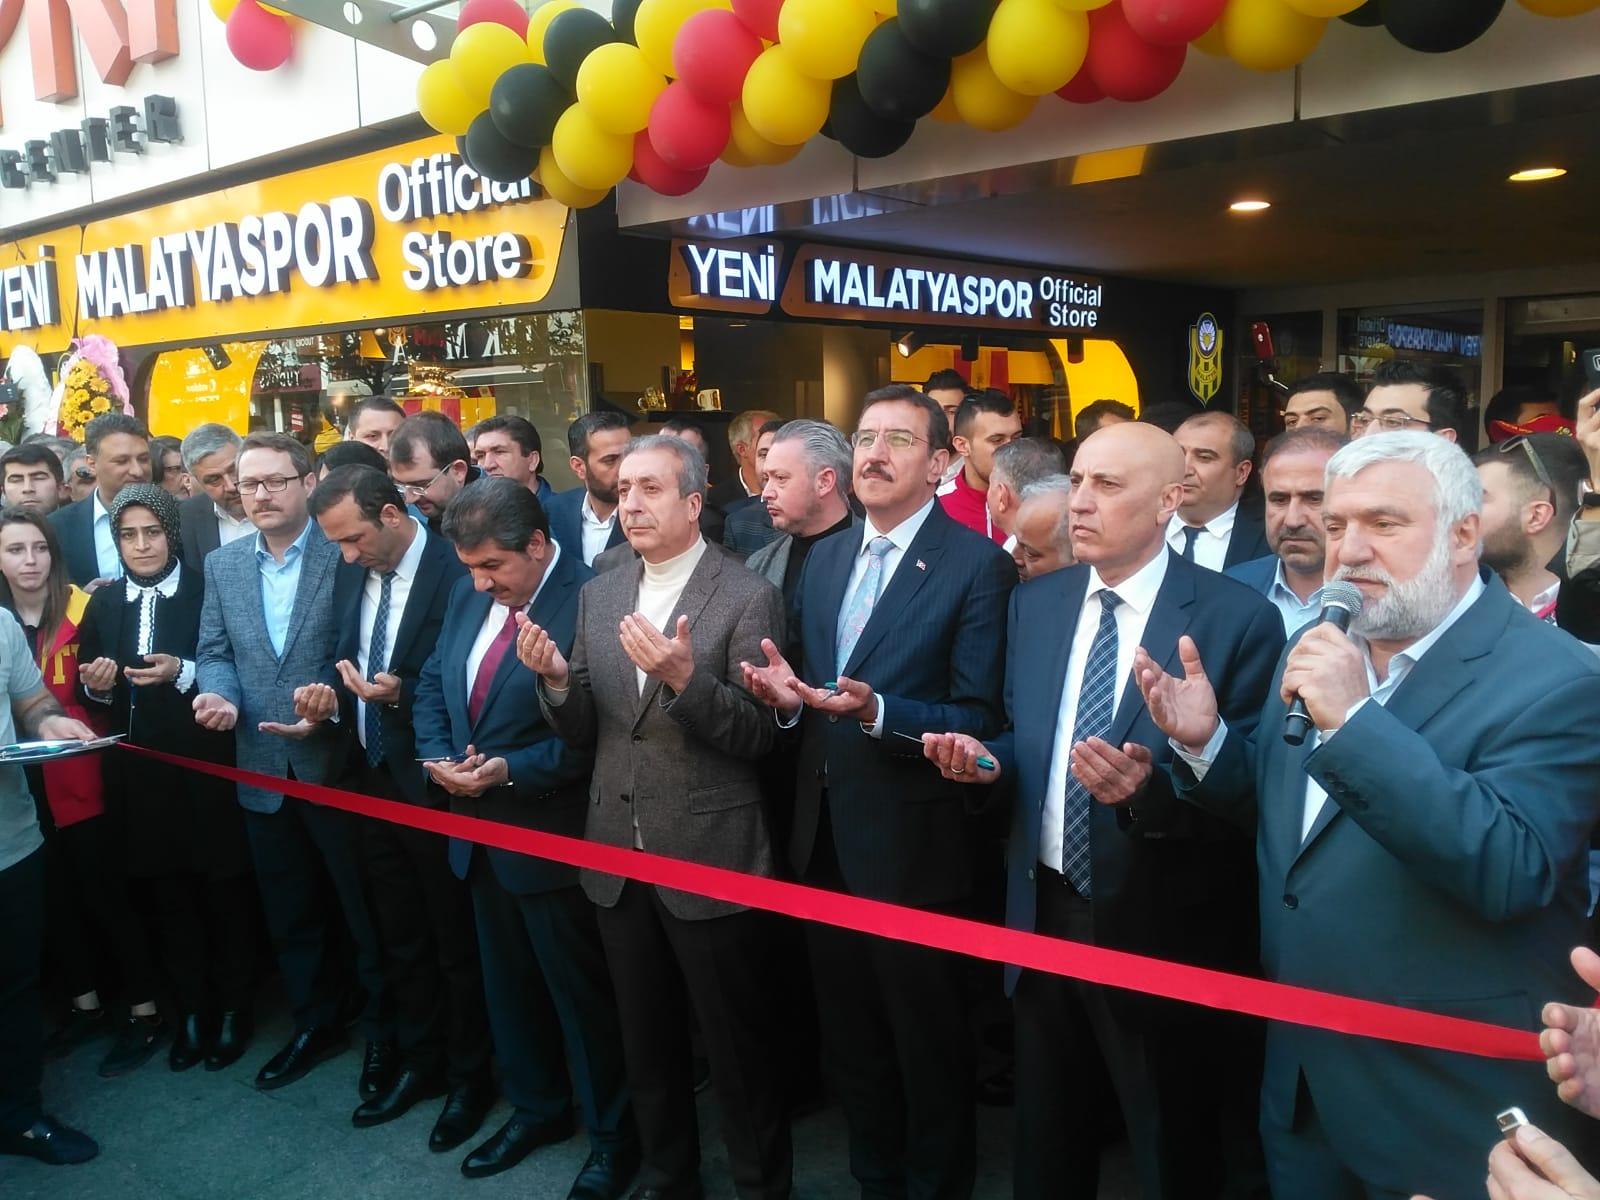 Yeni Malatyaspor store mağazası dualarla Esenler'de açıldı